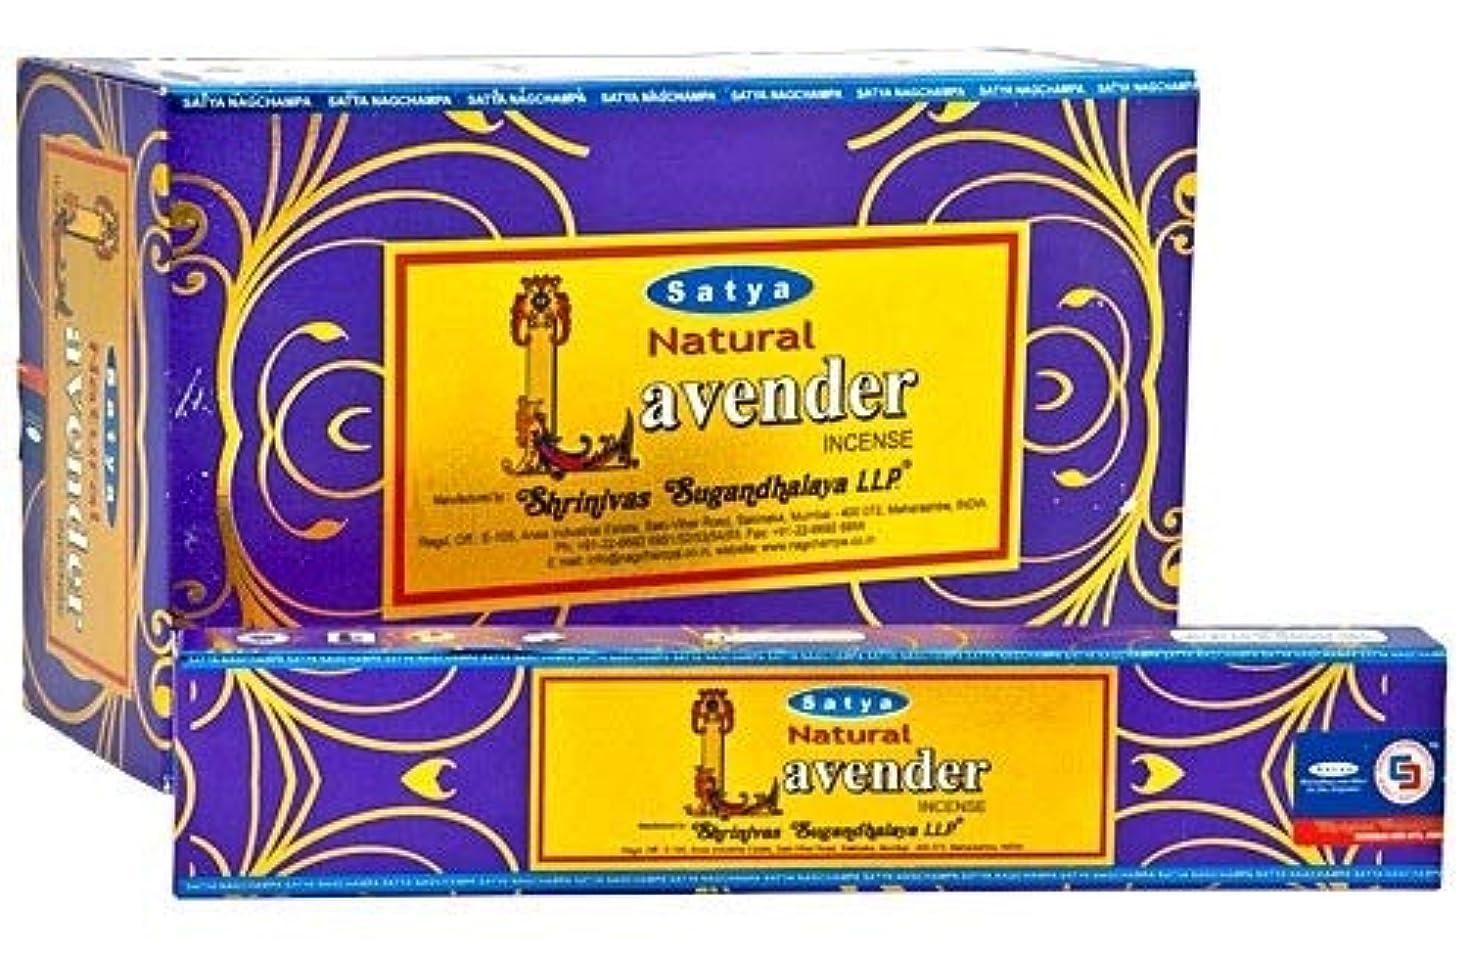 省申請中守るSatya 天然ラベンダーお香スティック アガーバッティ 15グラム x 12パック 180グラムボックス 輸出品質